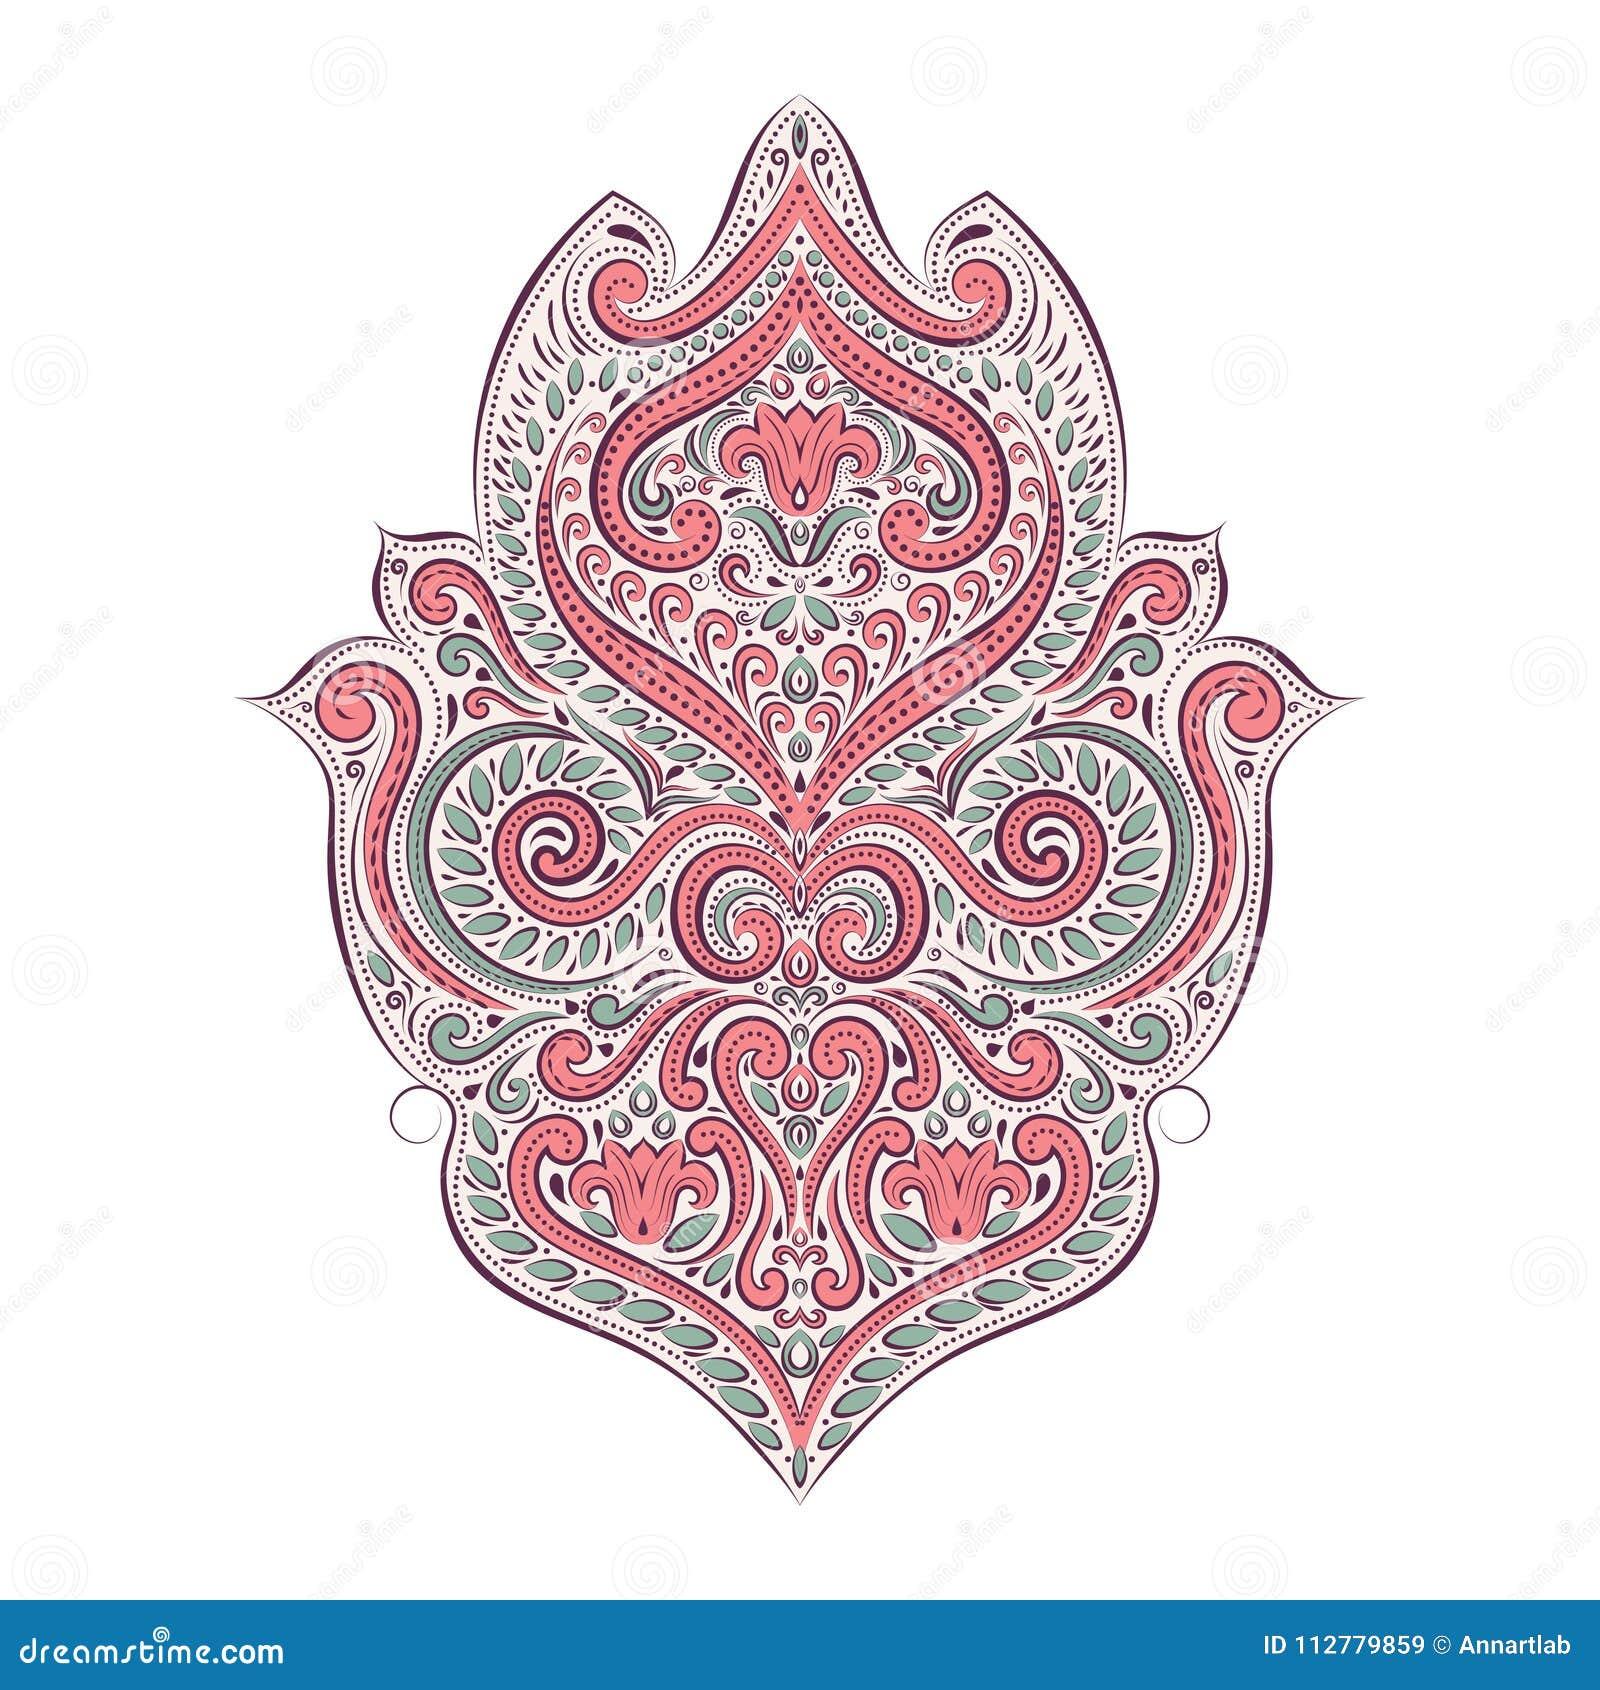 背景五颜六色的幻想花卉异常 葡萄酒装饰装饰品元素 花束弓形象花纹花样无缝小 传统,阿拉伯,土耳其,种族,印地安主题